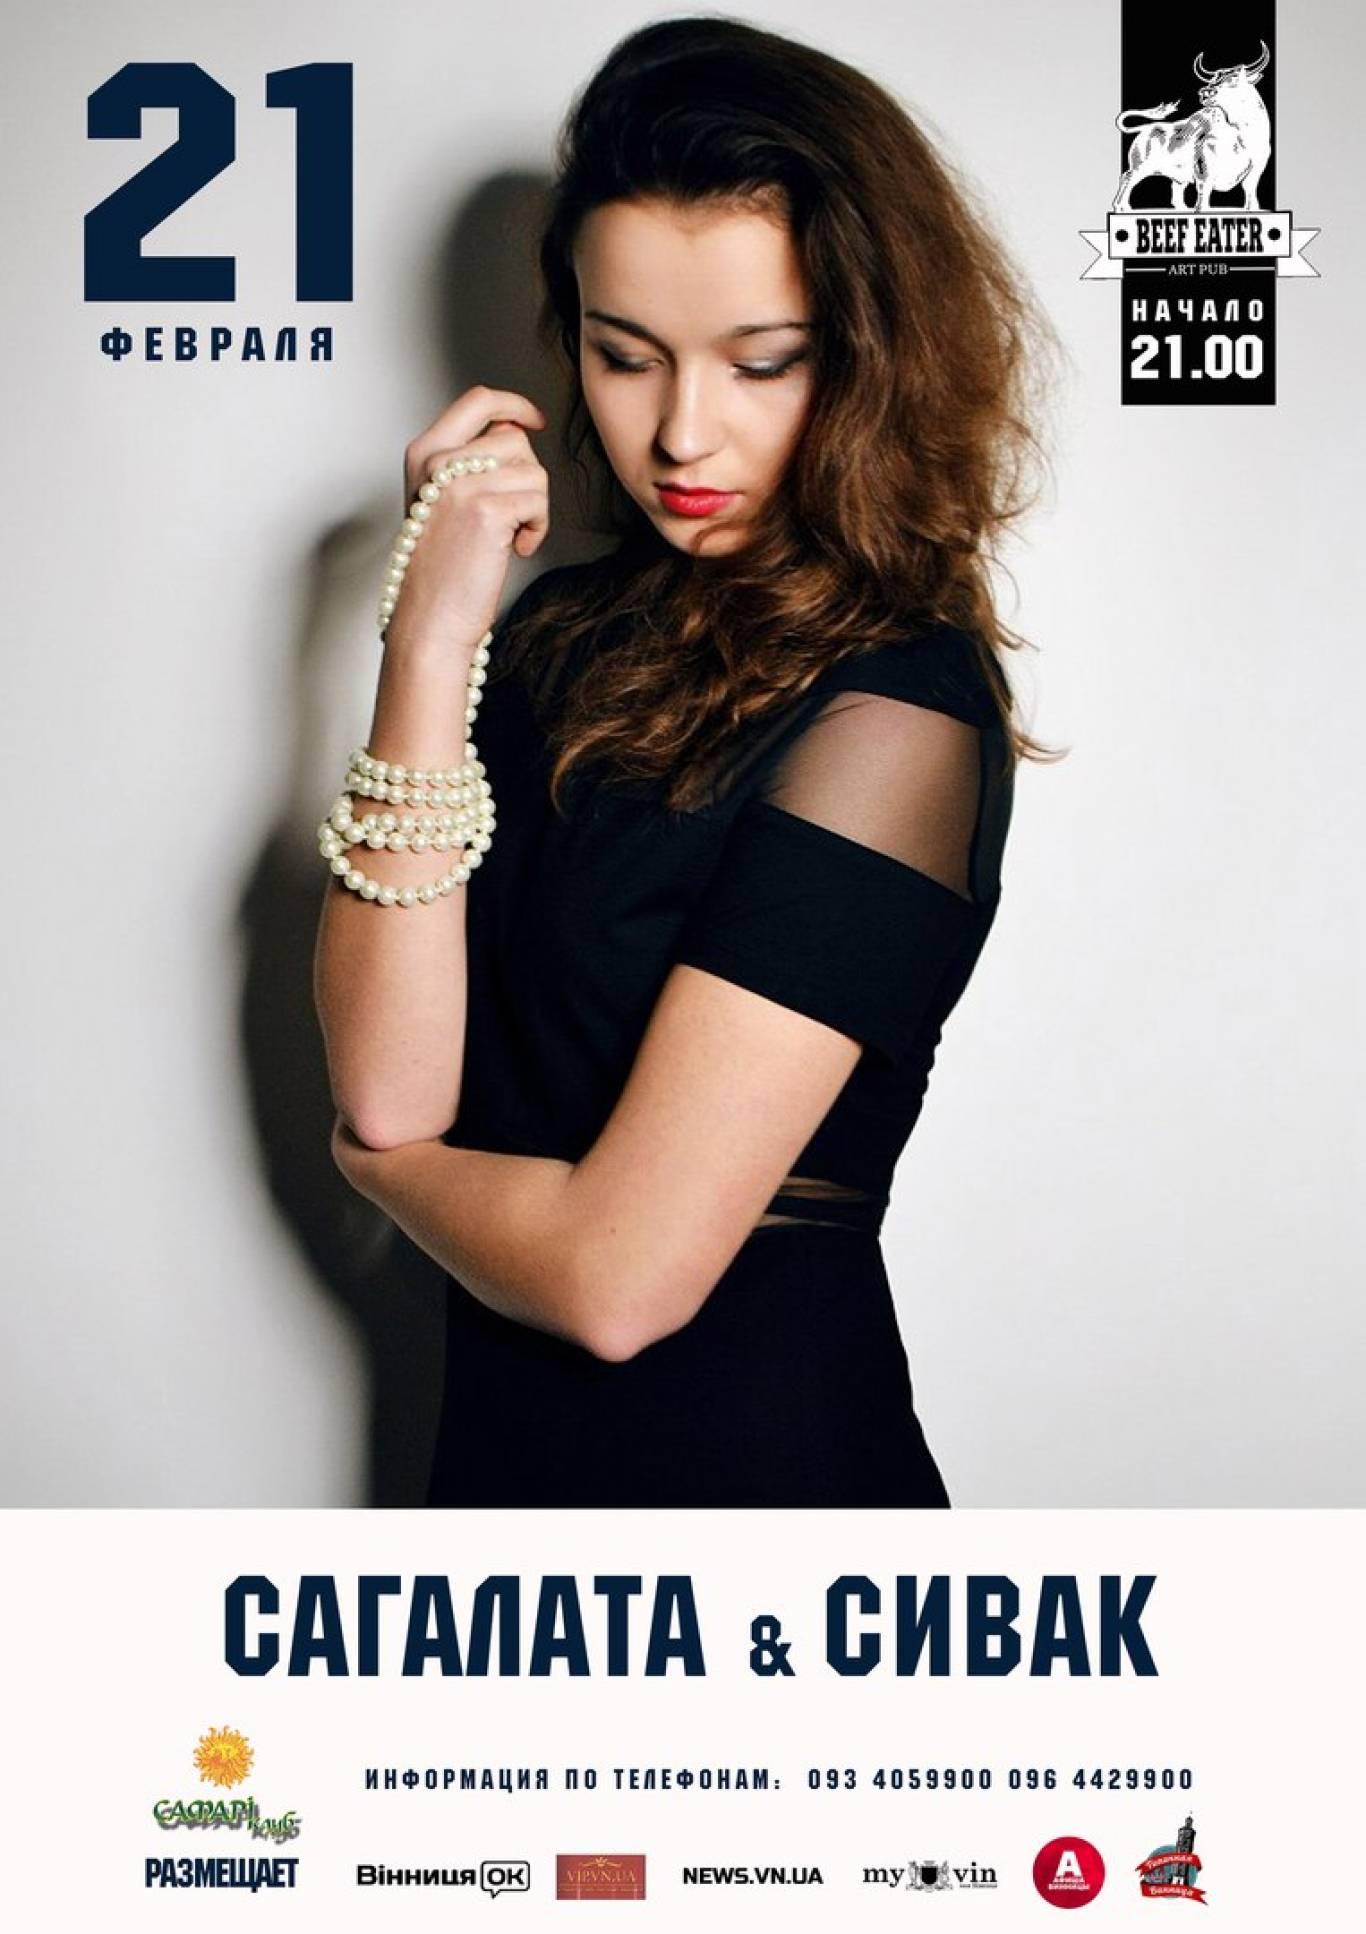 Влад Сивак та Оксана Сагалата з концертом у Beef&Eater